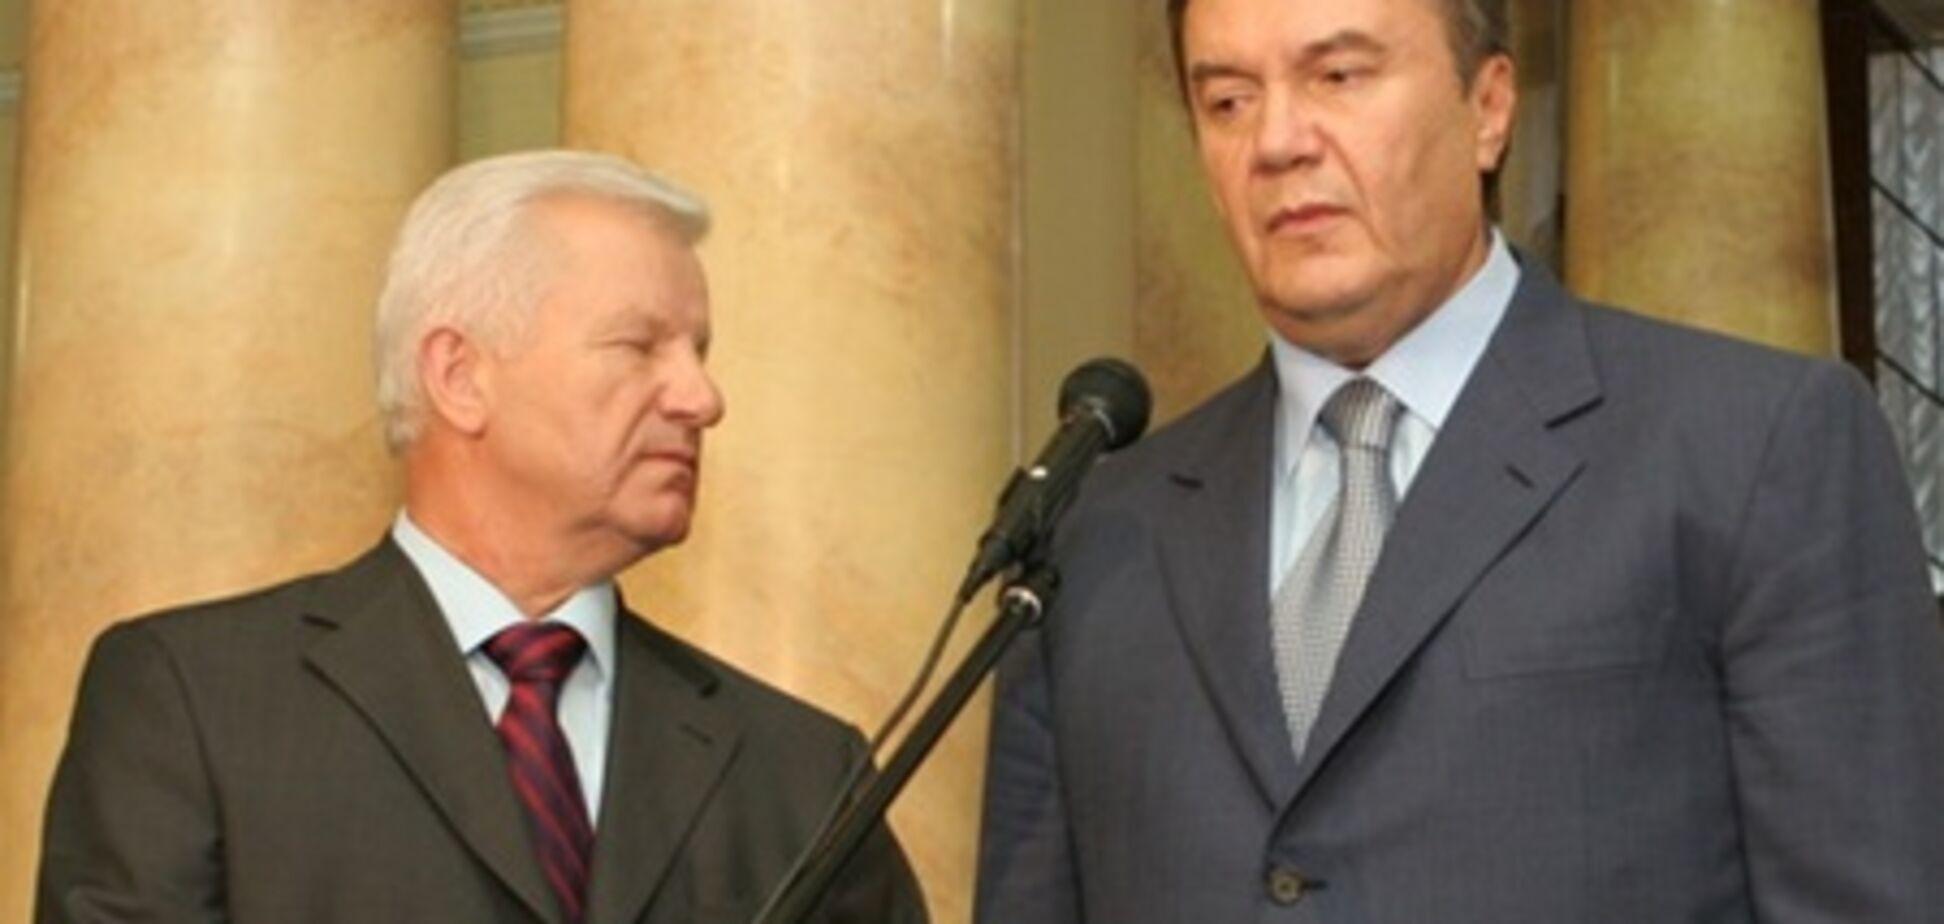 Мороз перейдет в оппозицию к Януковичу